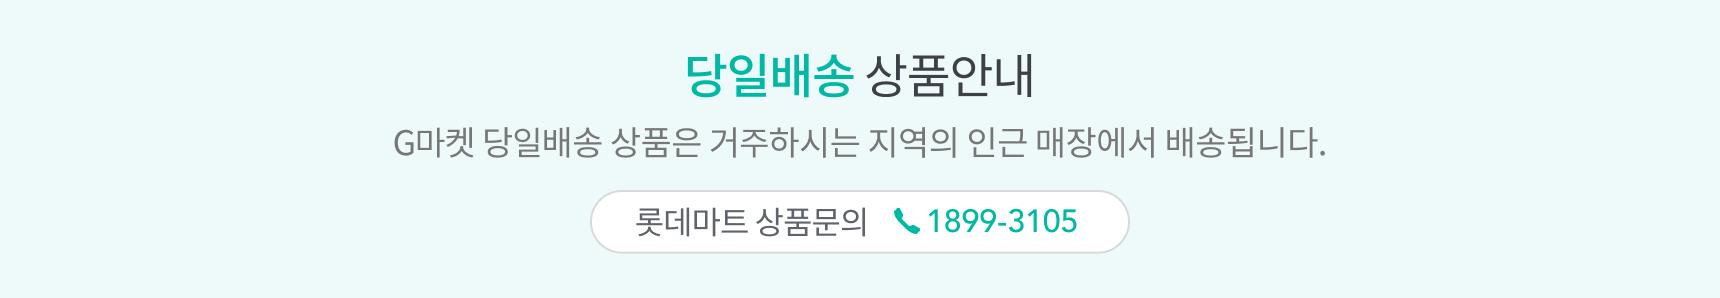 롯데마트 상품문의 1899-3105